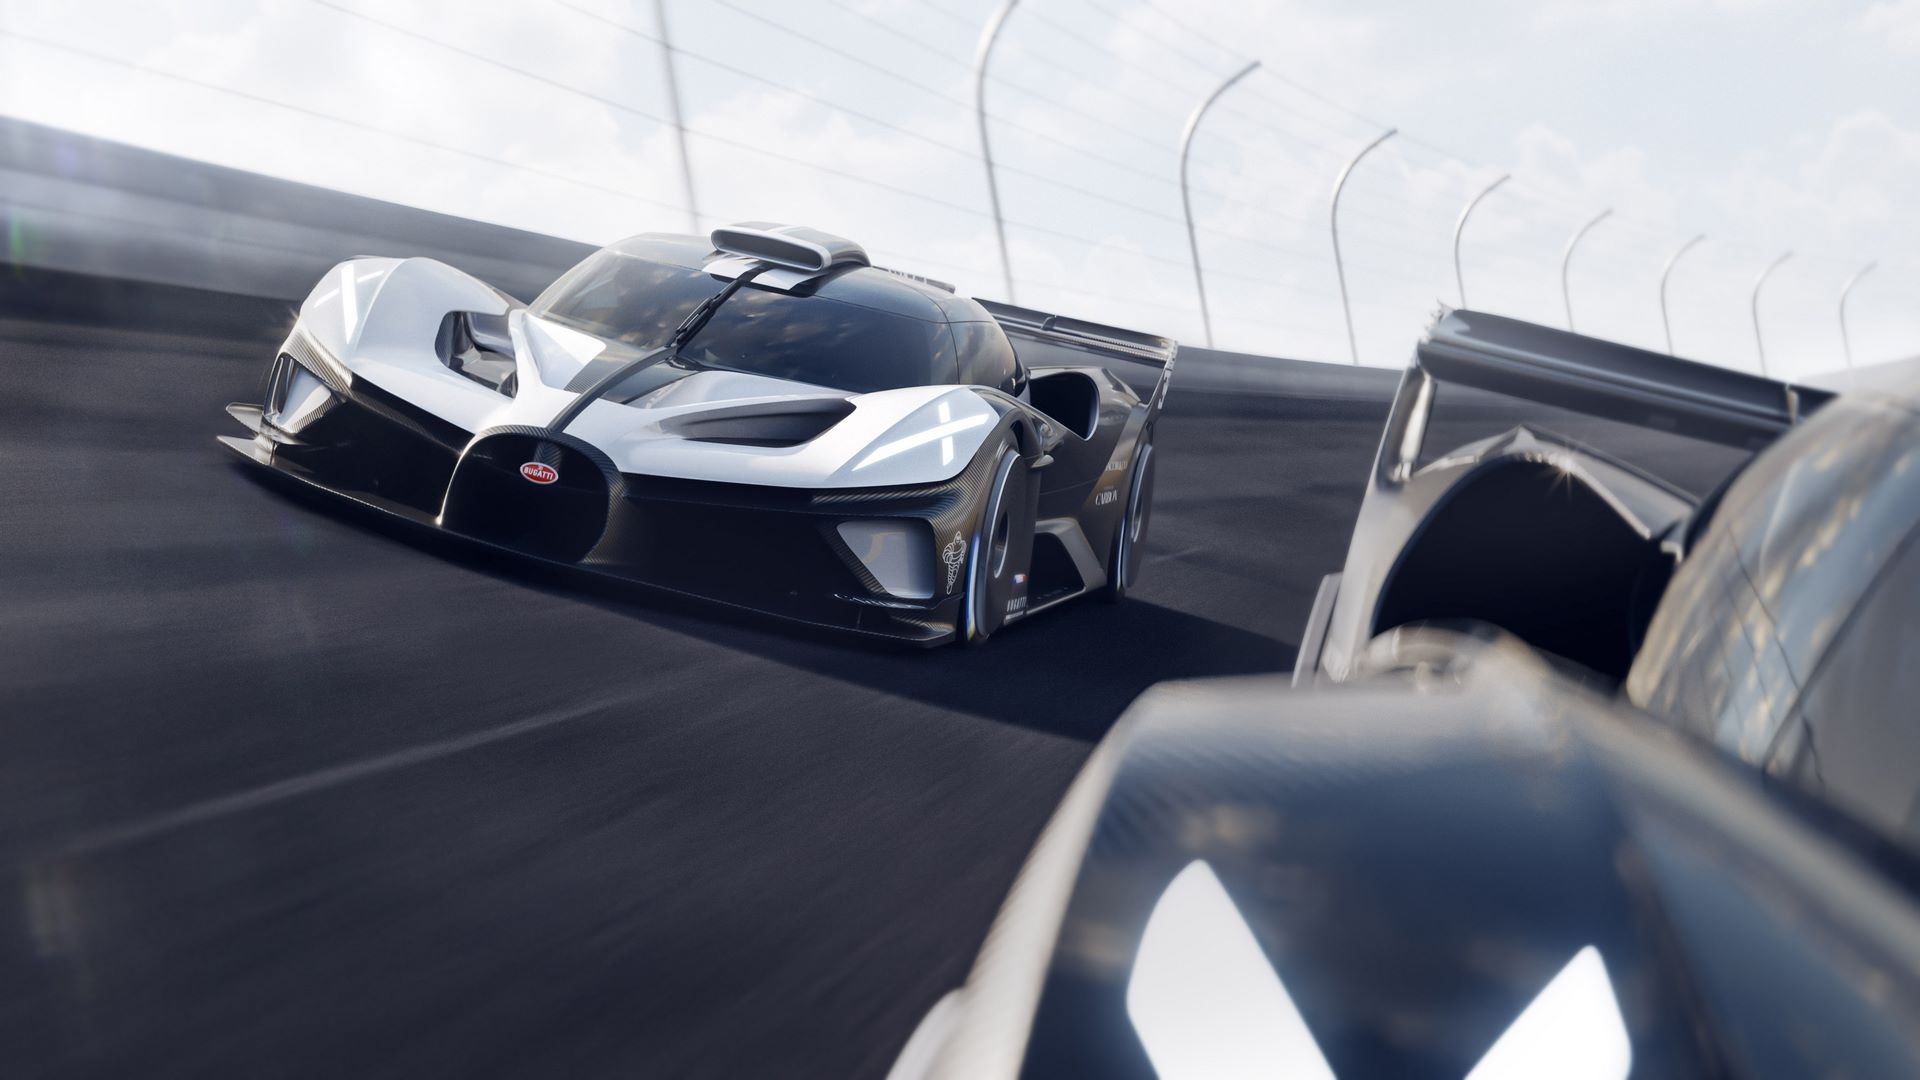 Bugatti-Bolide-production-version-9